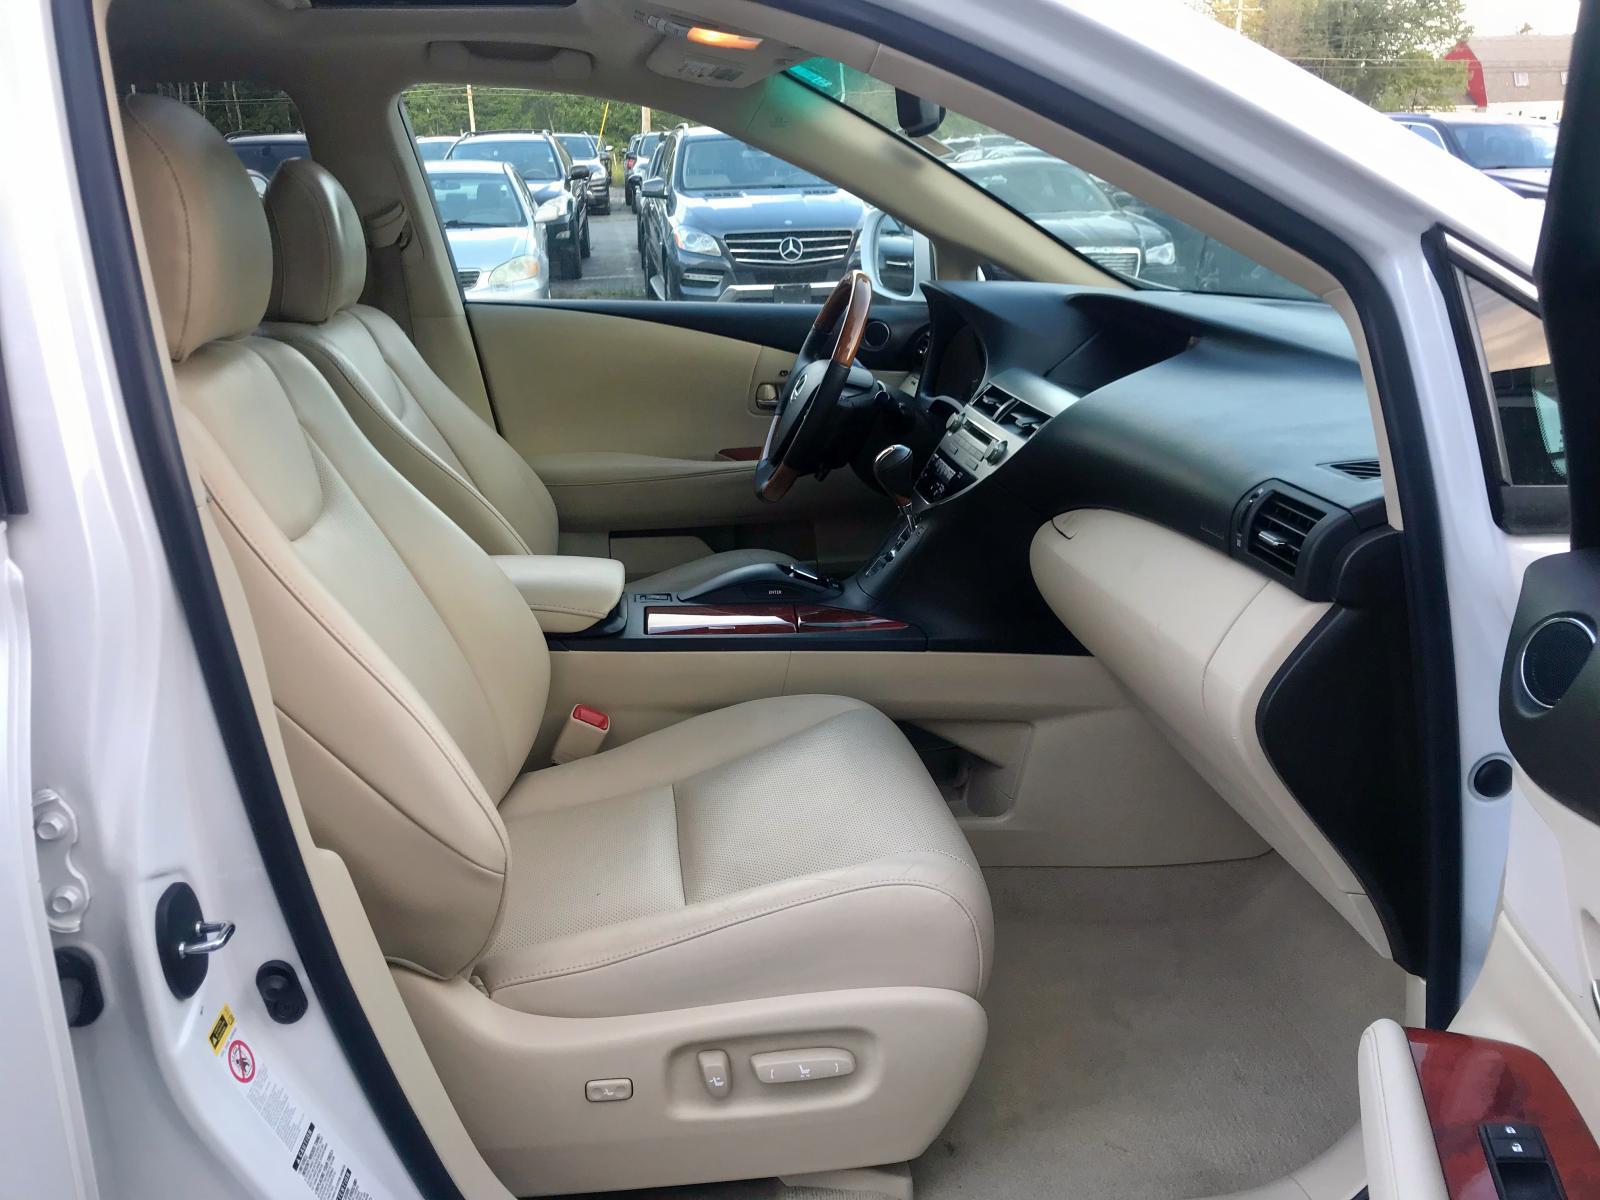 2T2BK1BA3BC118286 - 2011 Lexus Rx 350 3.5L close up View